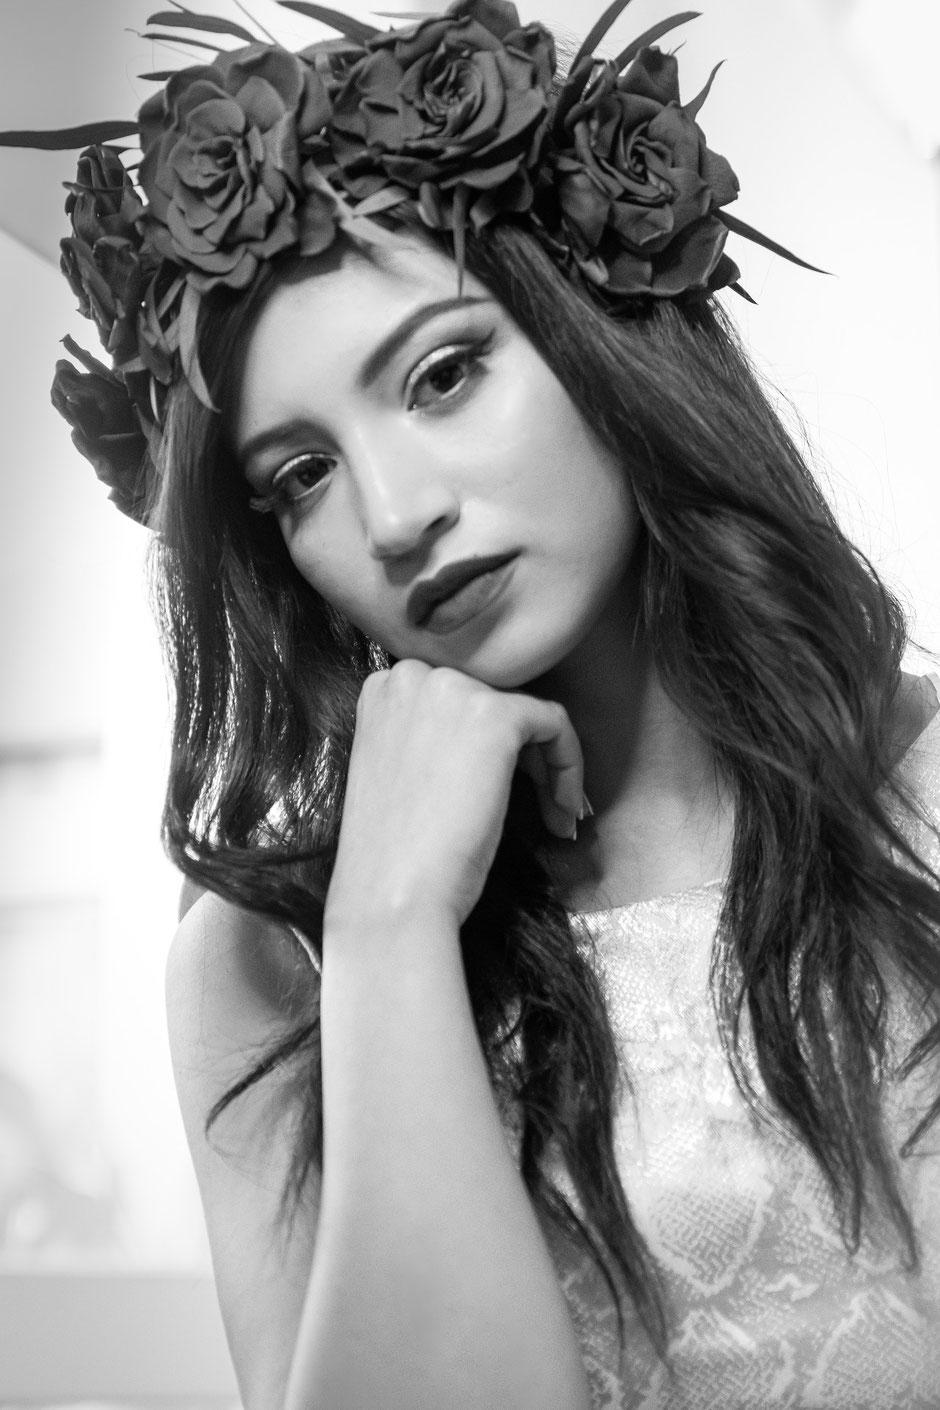 Couronne de fleurs de gardénia stabilisé par La cinquieme saison. Photo en noir et blanc.